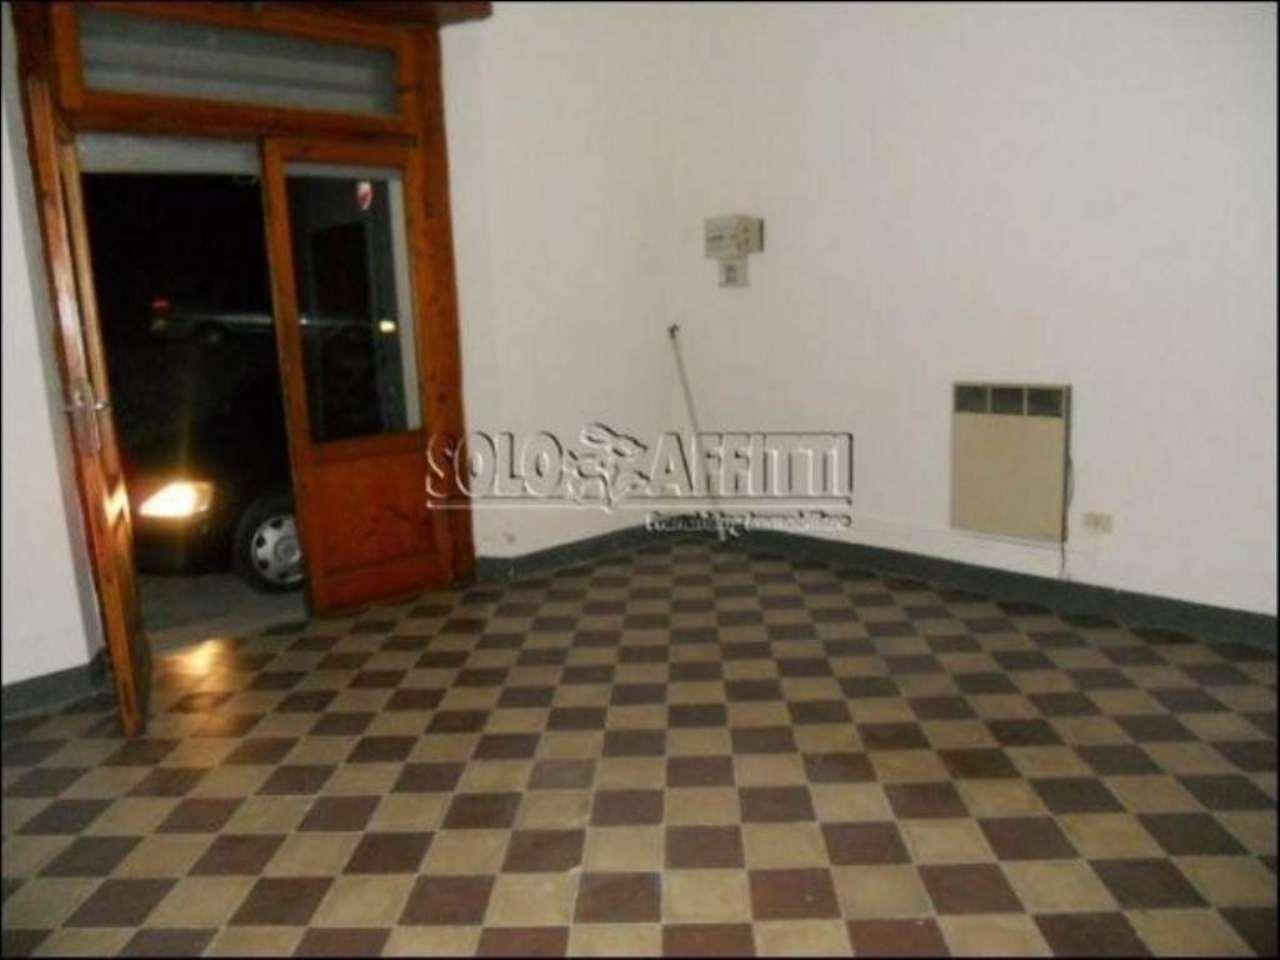 Negozio / Locale in affitto a Serravalle Pistoiese, 2 locali, prezzo € 400 | Cambio Casa.it